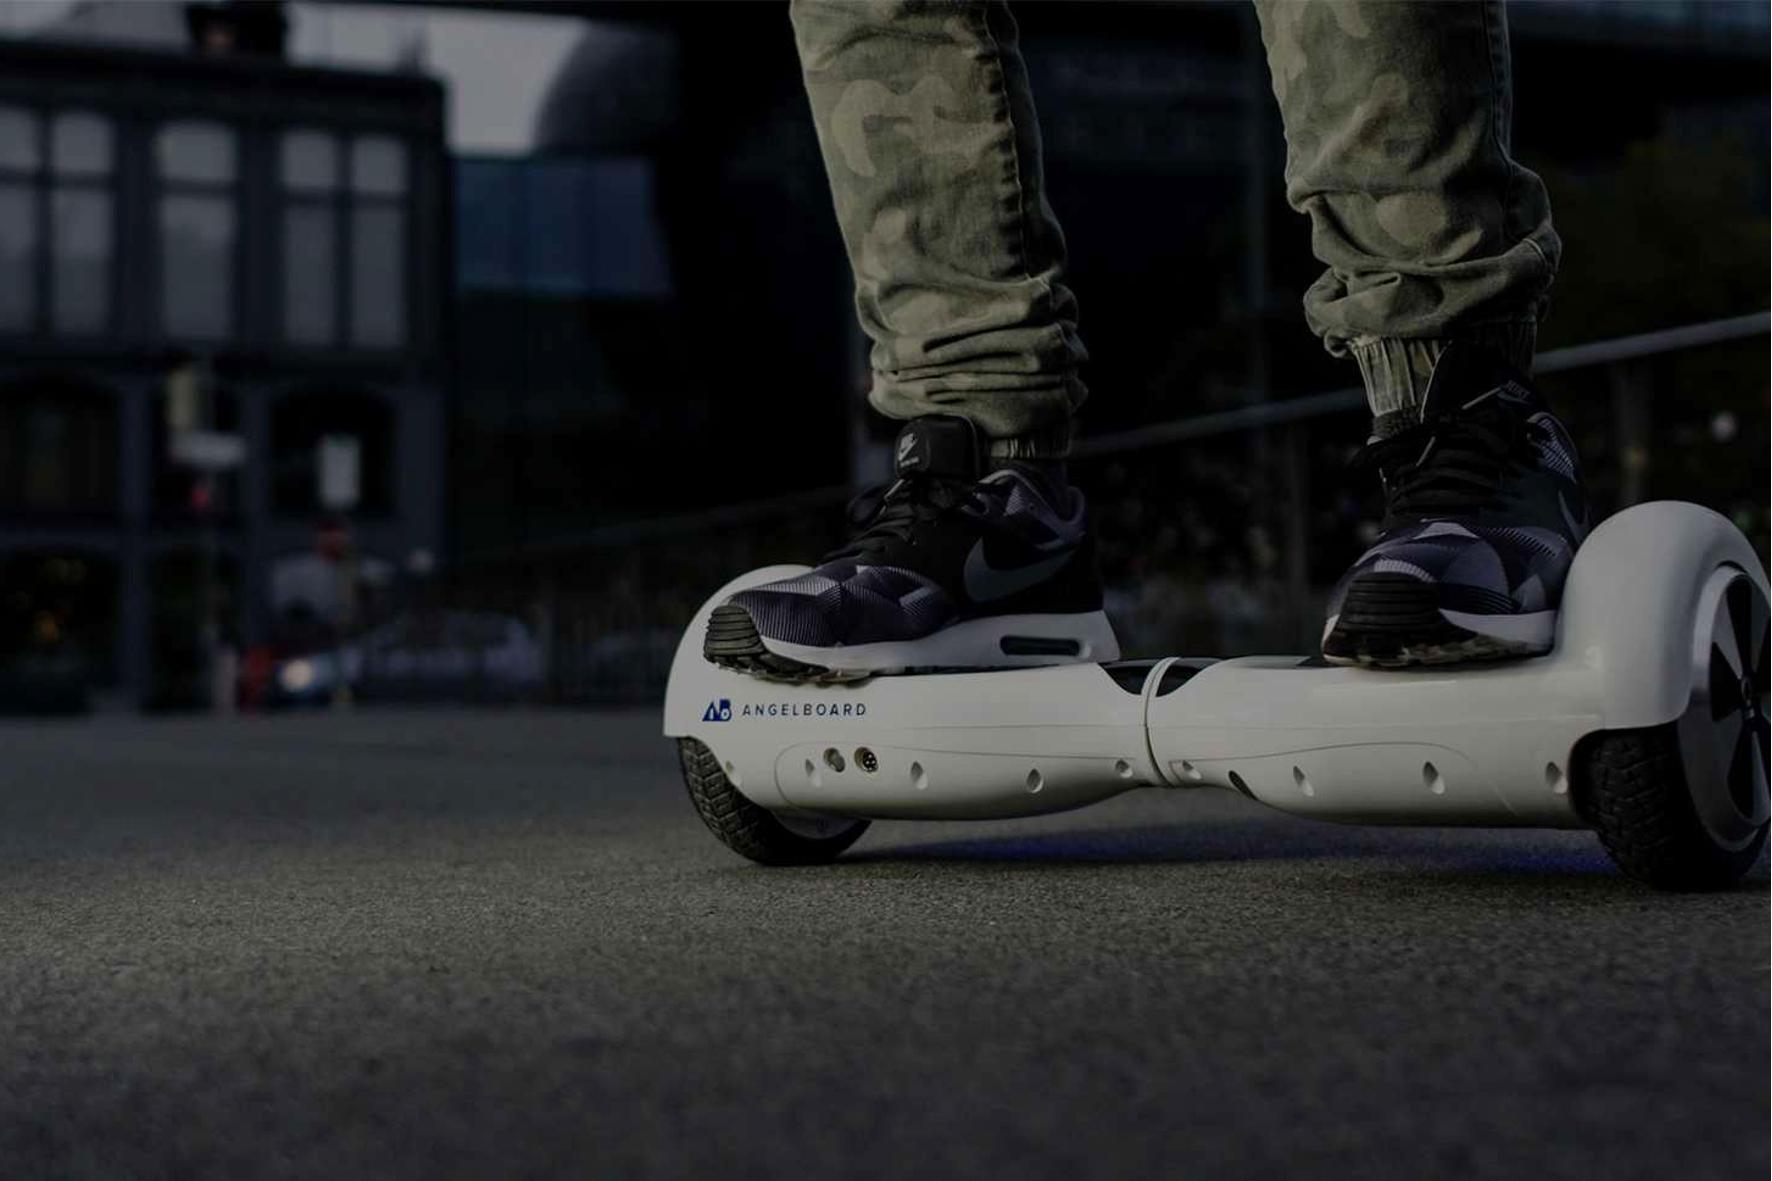 Bundesregierung will Hoverboards im Straßenverkehr zulassen